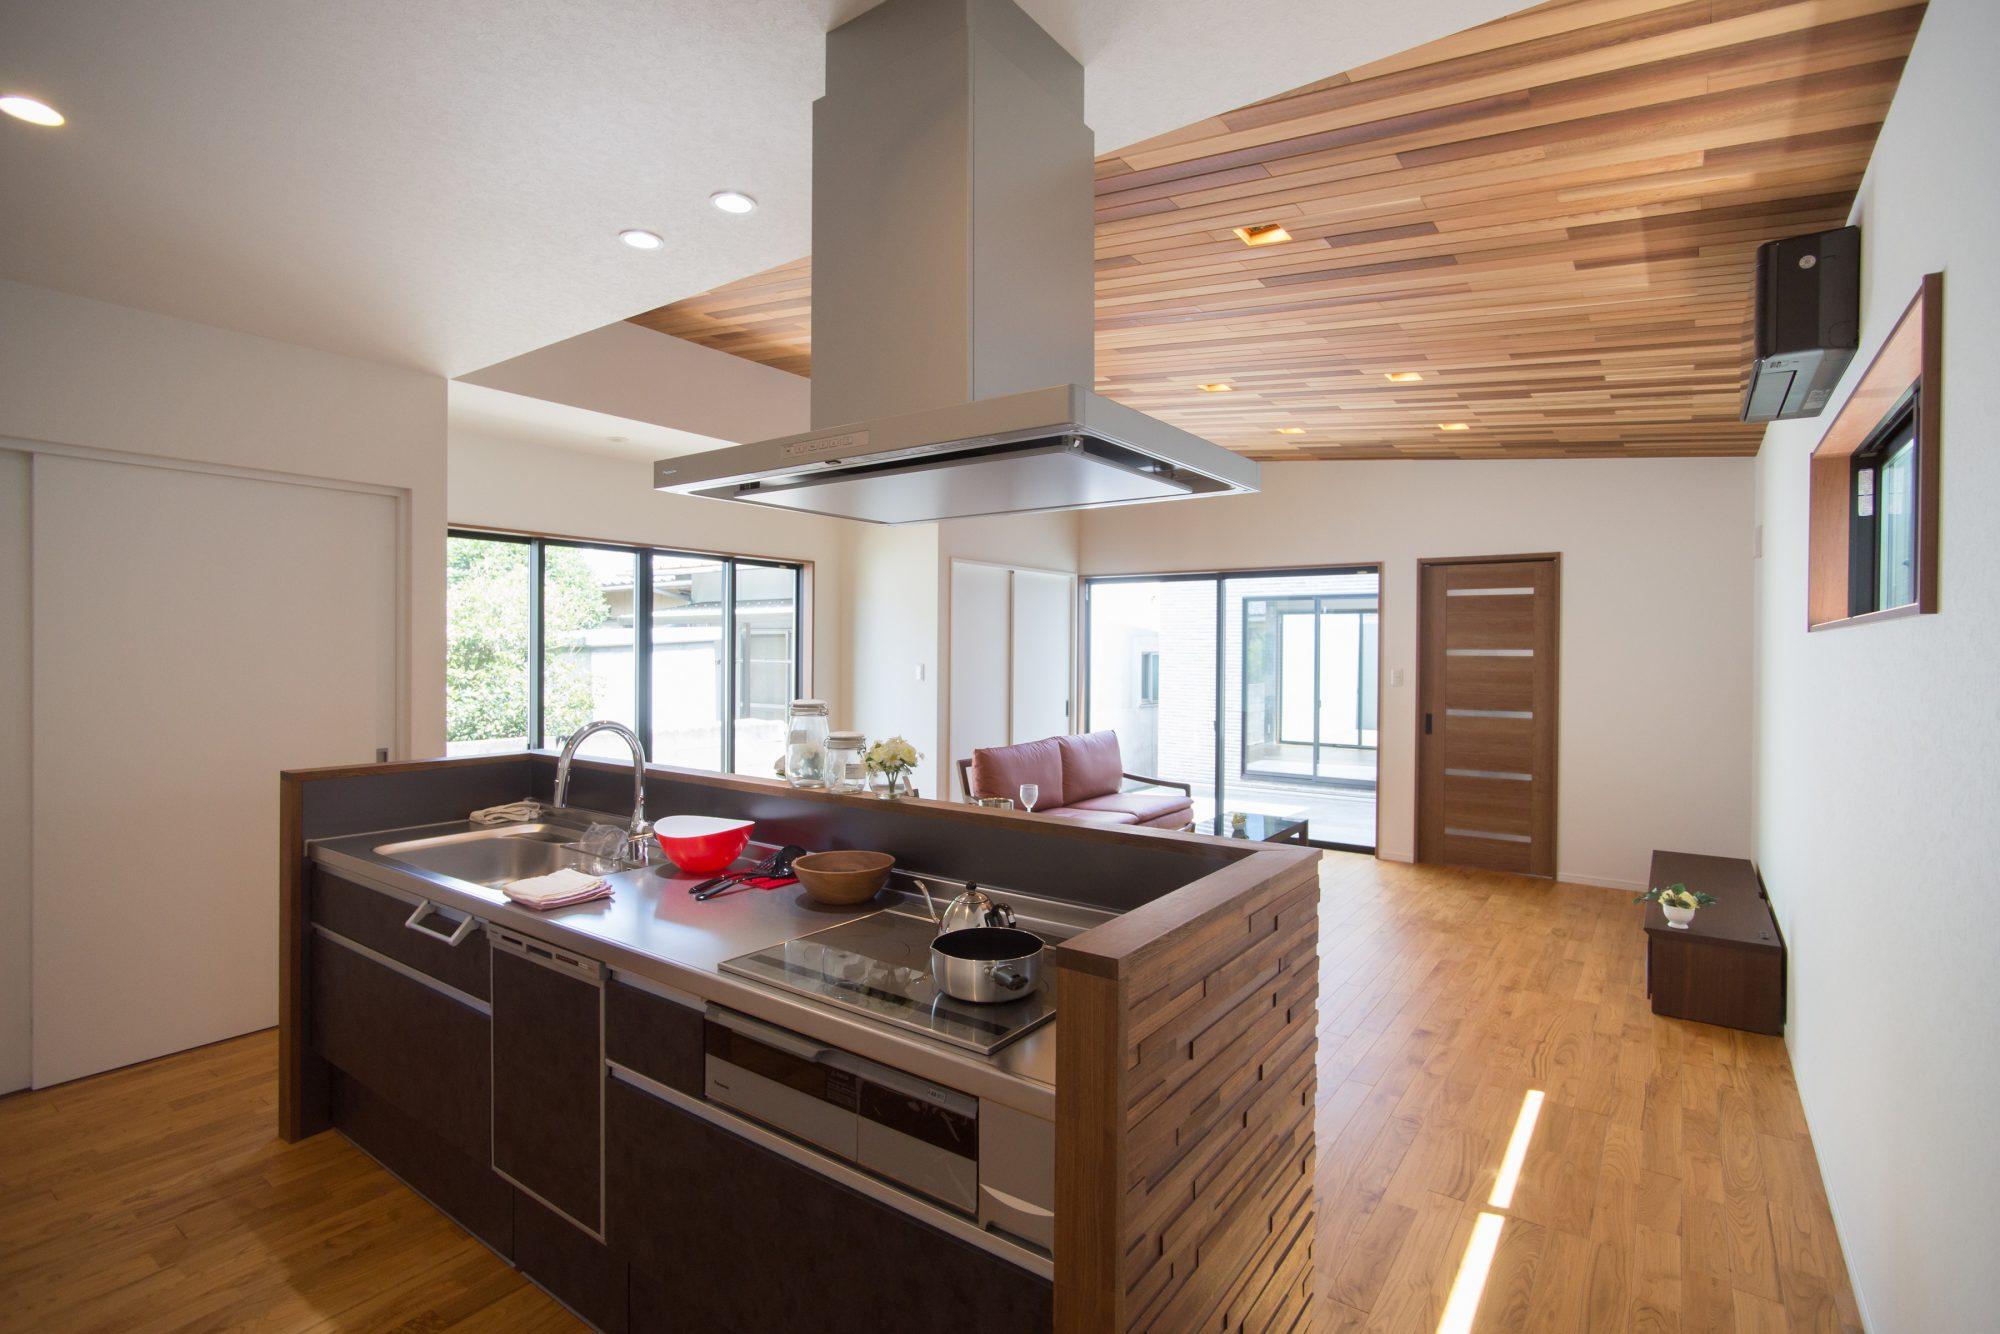 LDKは22帖と広く開放的。 天井高は2500mmを基準とし、リビング天井部は勾配天井としています。 天井部『レッドシダー羽目板』、キッチン手元隠し壁『ウォールナットウッドパネル』、床『クリ無垢フローリング』をそれぞれ採用。フローリングの表面はお掃除の面を考えてウレタン塗装を施しています。